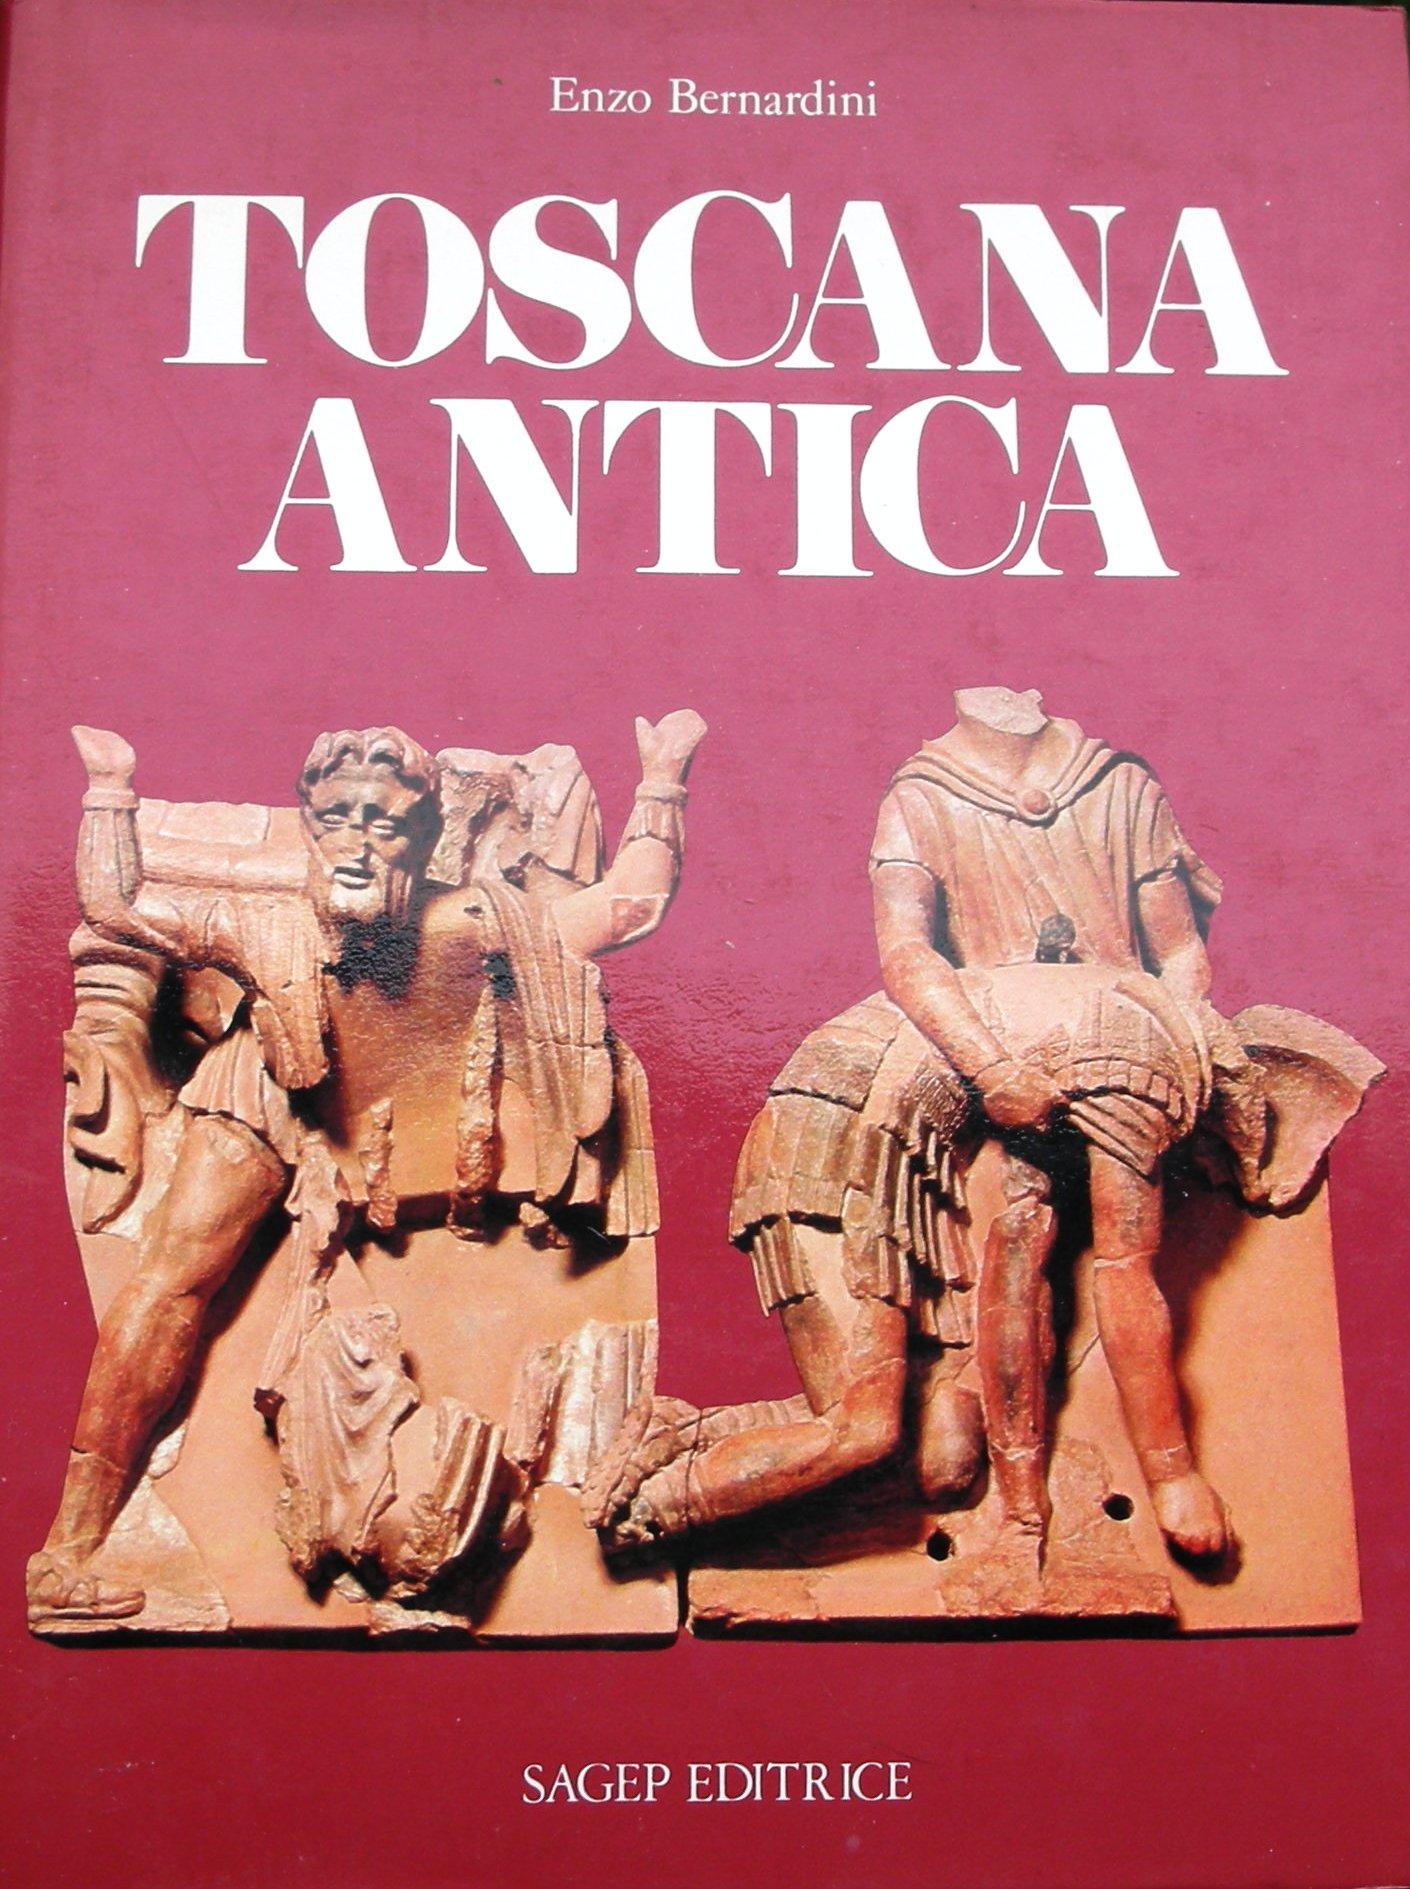 Toscana antica